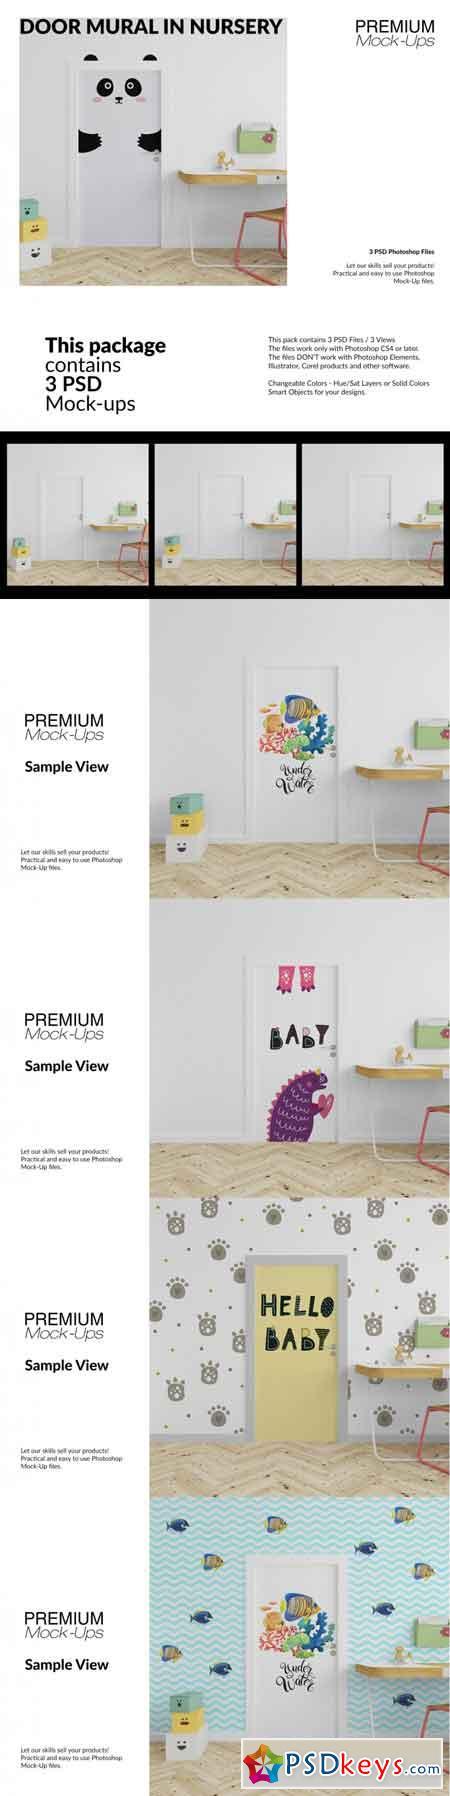 Door Murals in Nursery Set 3513261